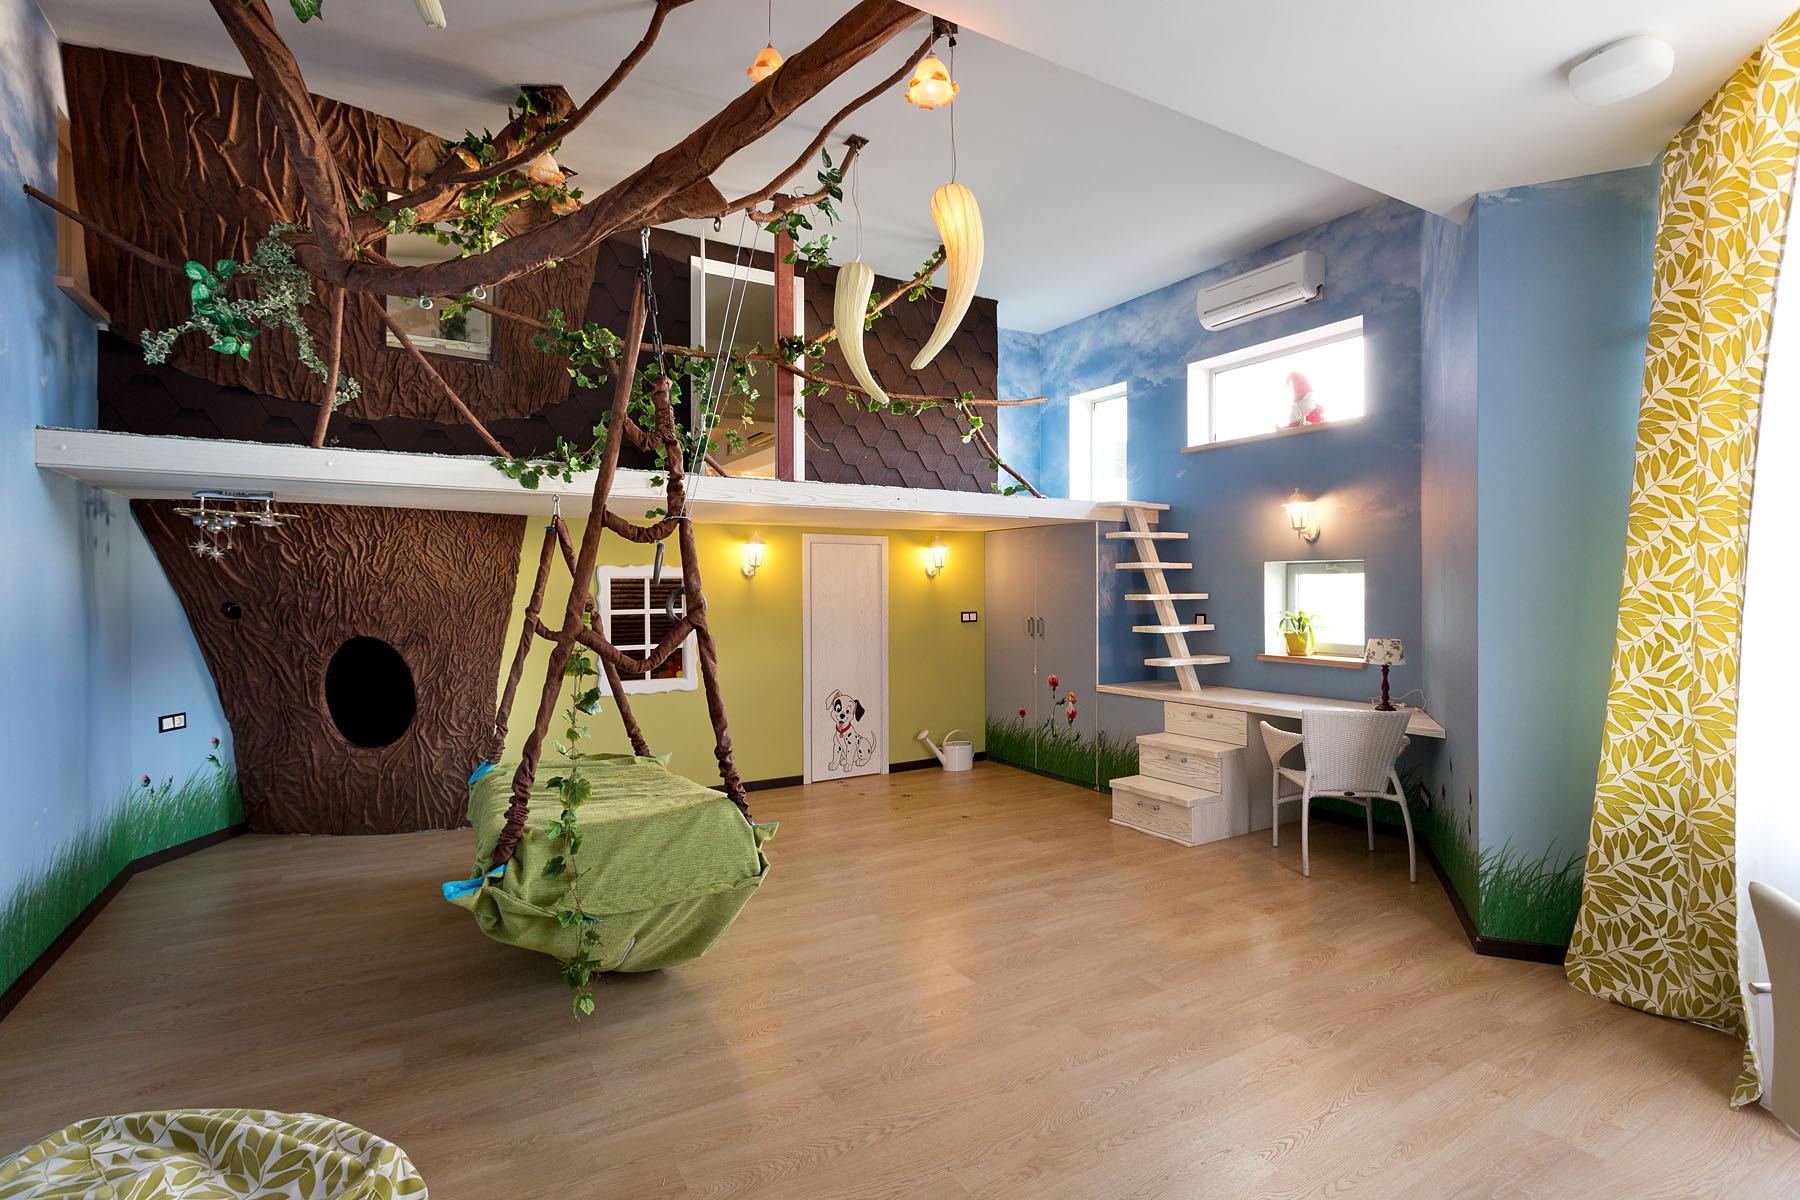 Дизайн комнаты - фото варианты оформления интерьеров комнат.